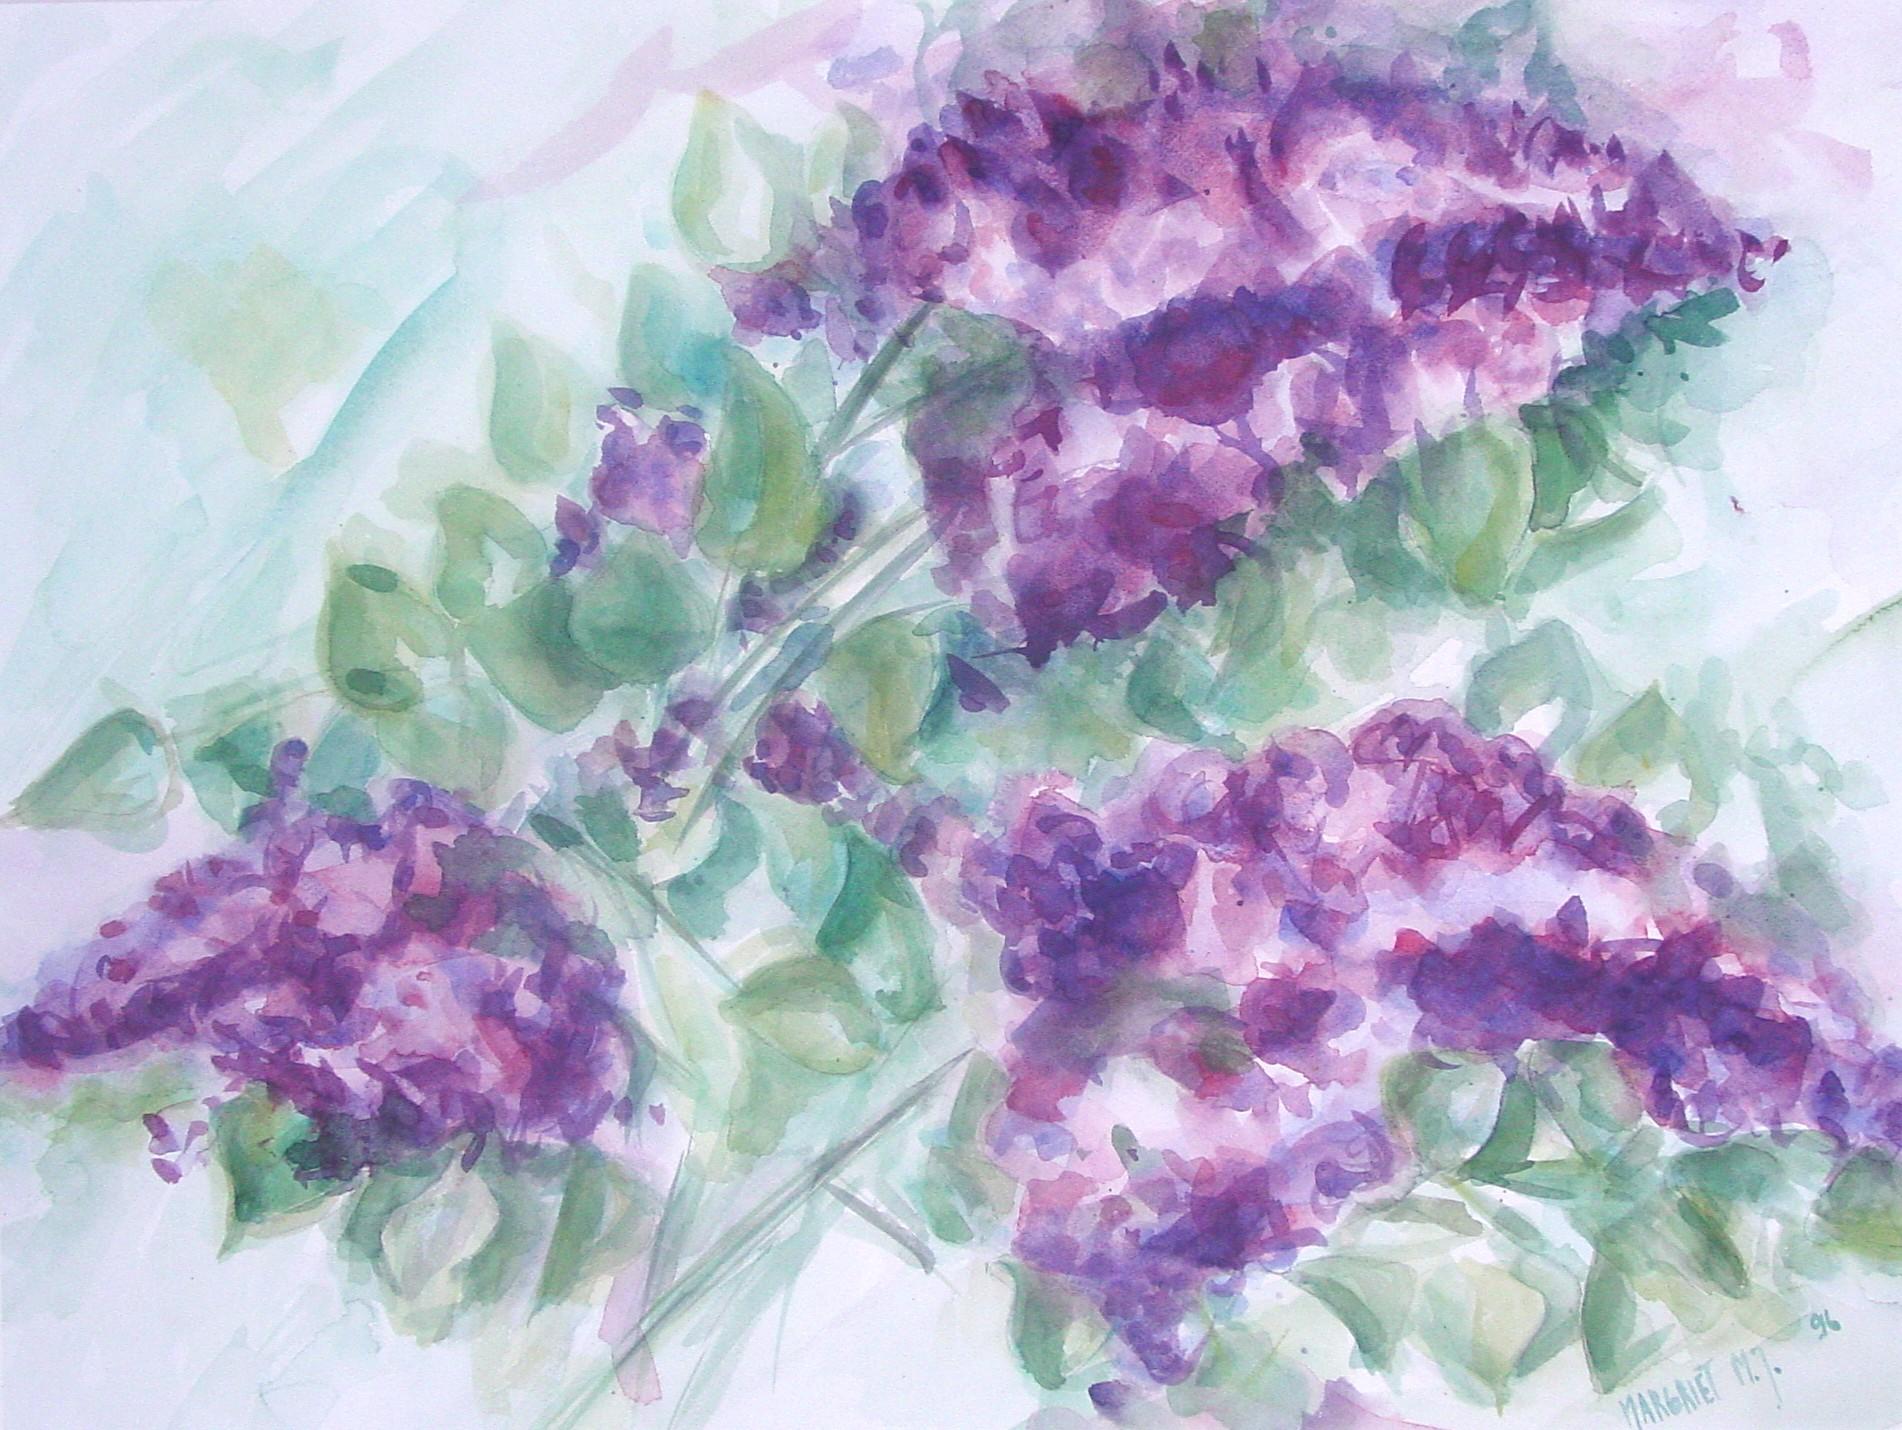 Sering, aquarel en krijt op papier, 34 x 48 cm, 1996